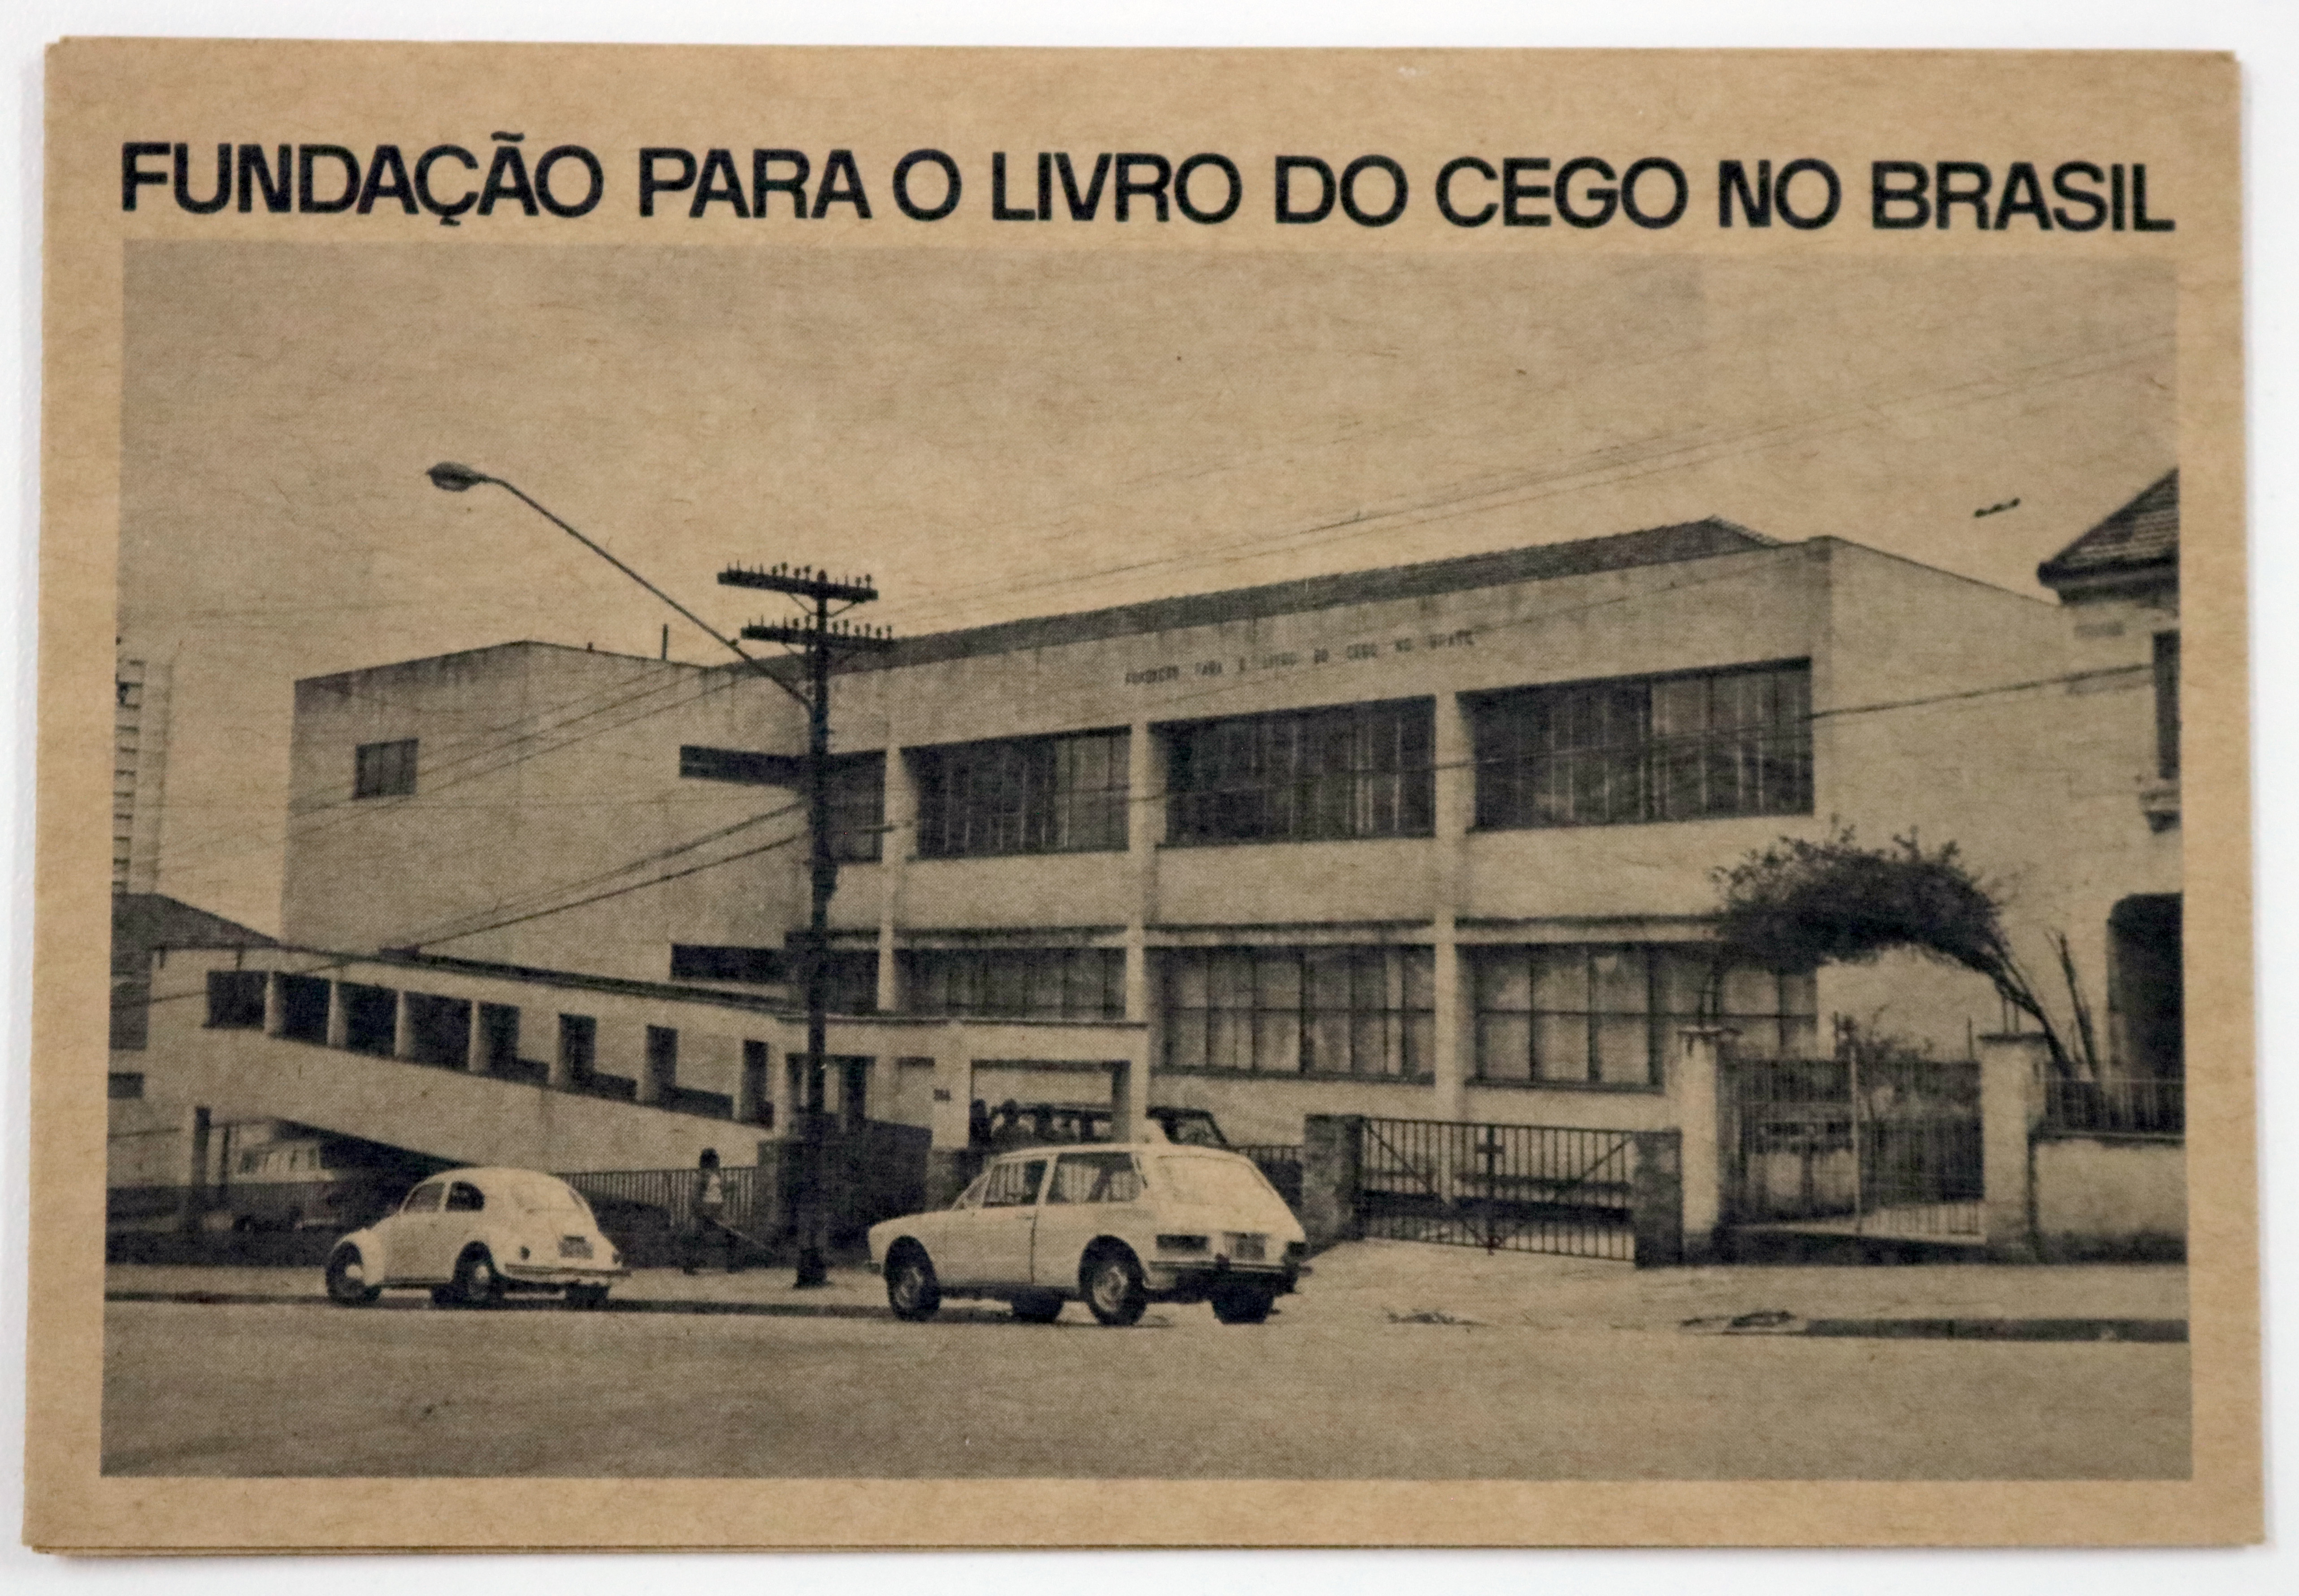 Foto da fachada da Fundação em preto e branco